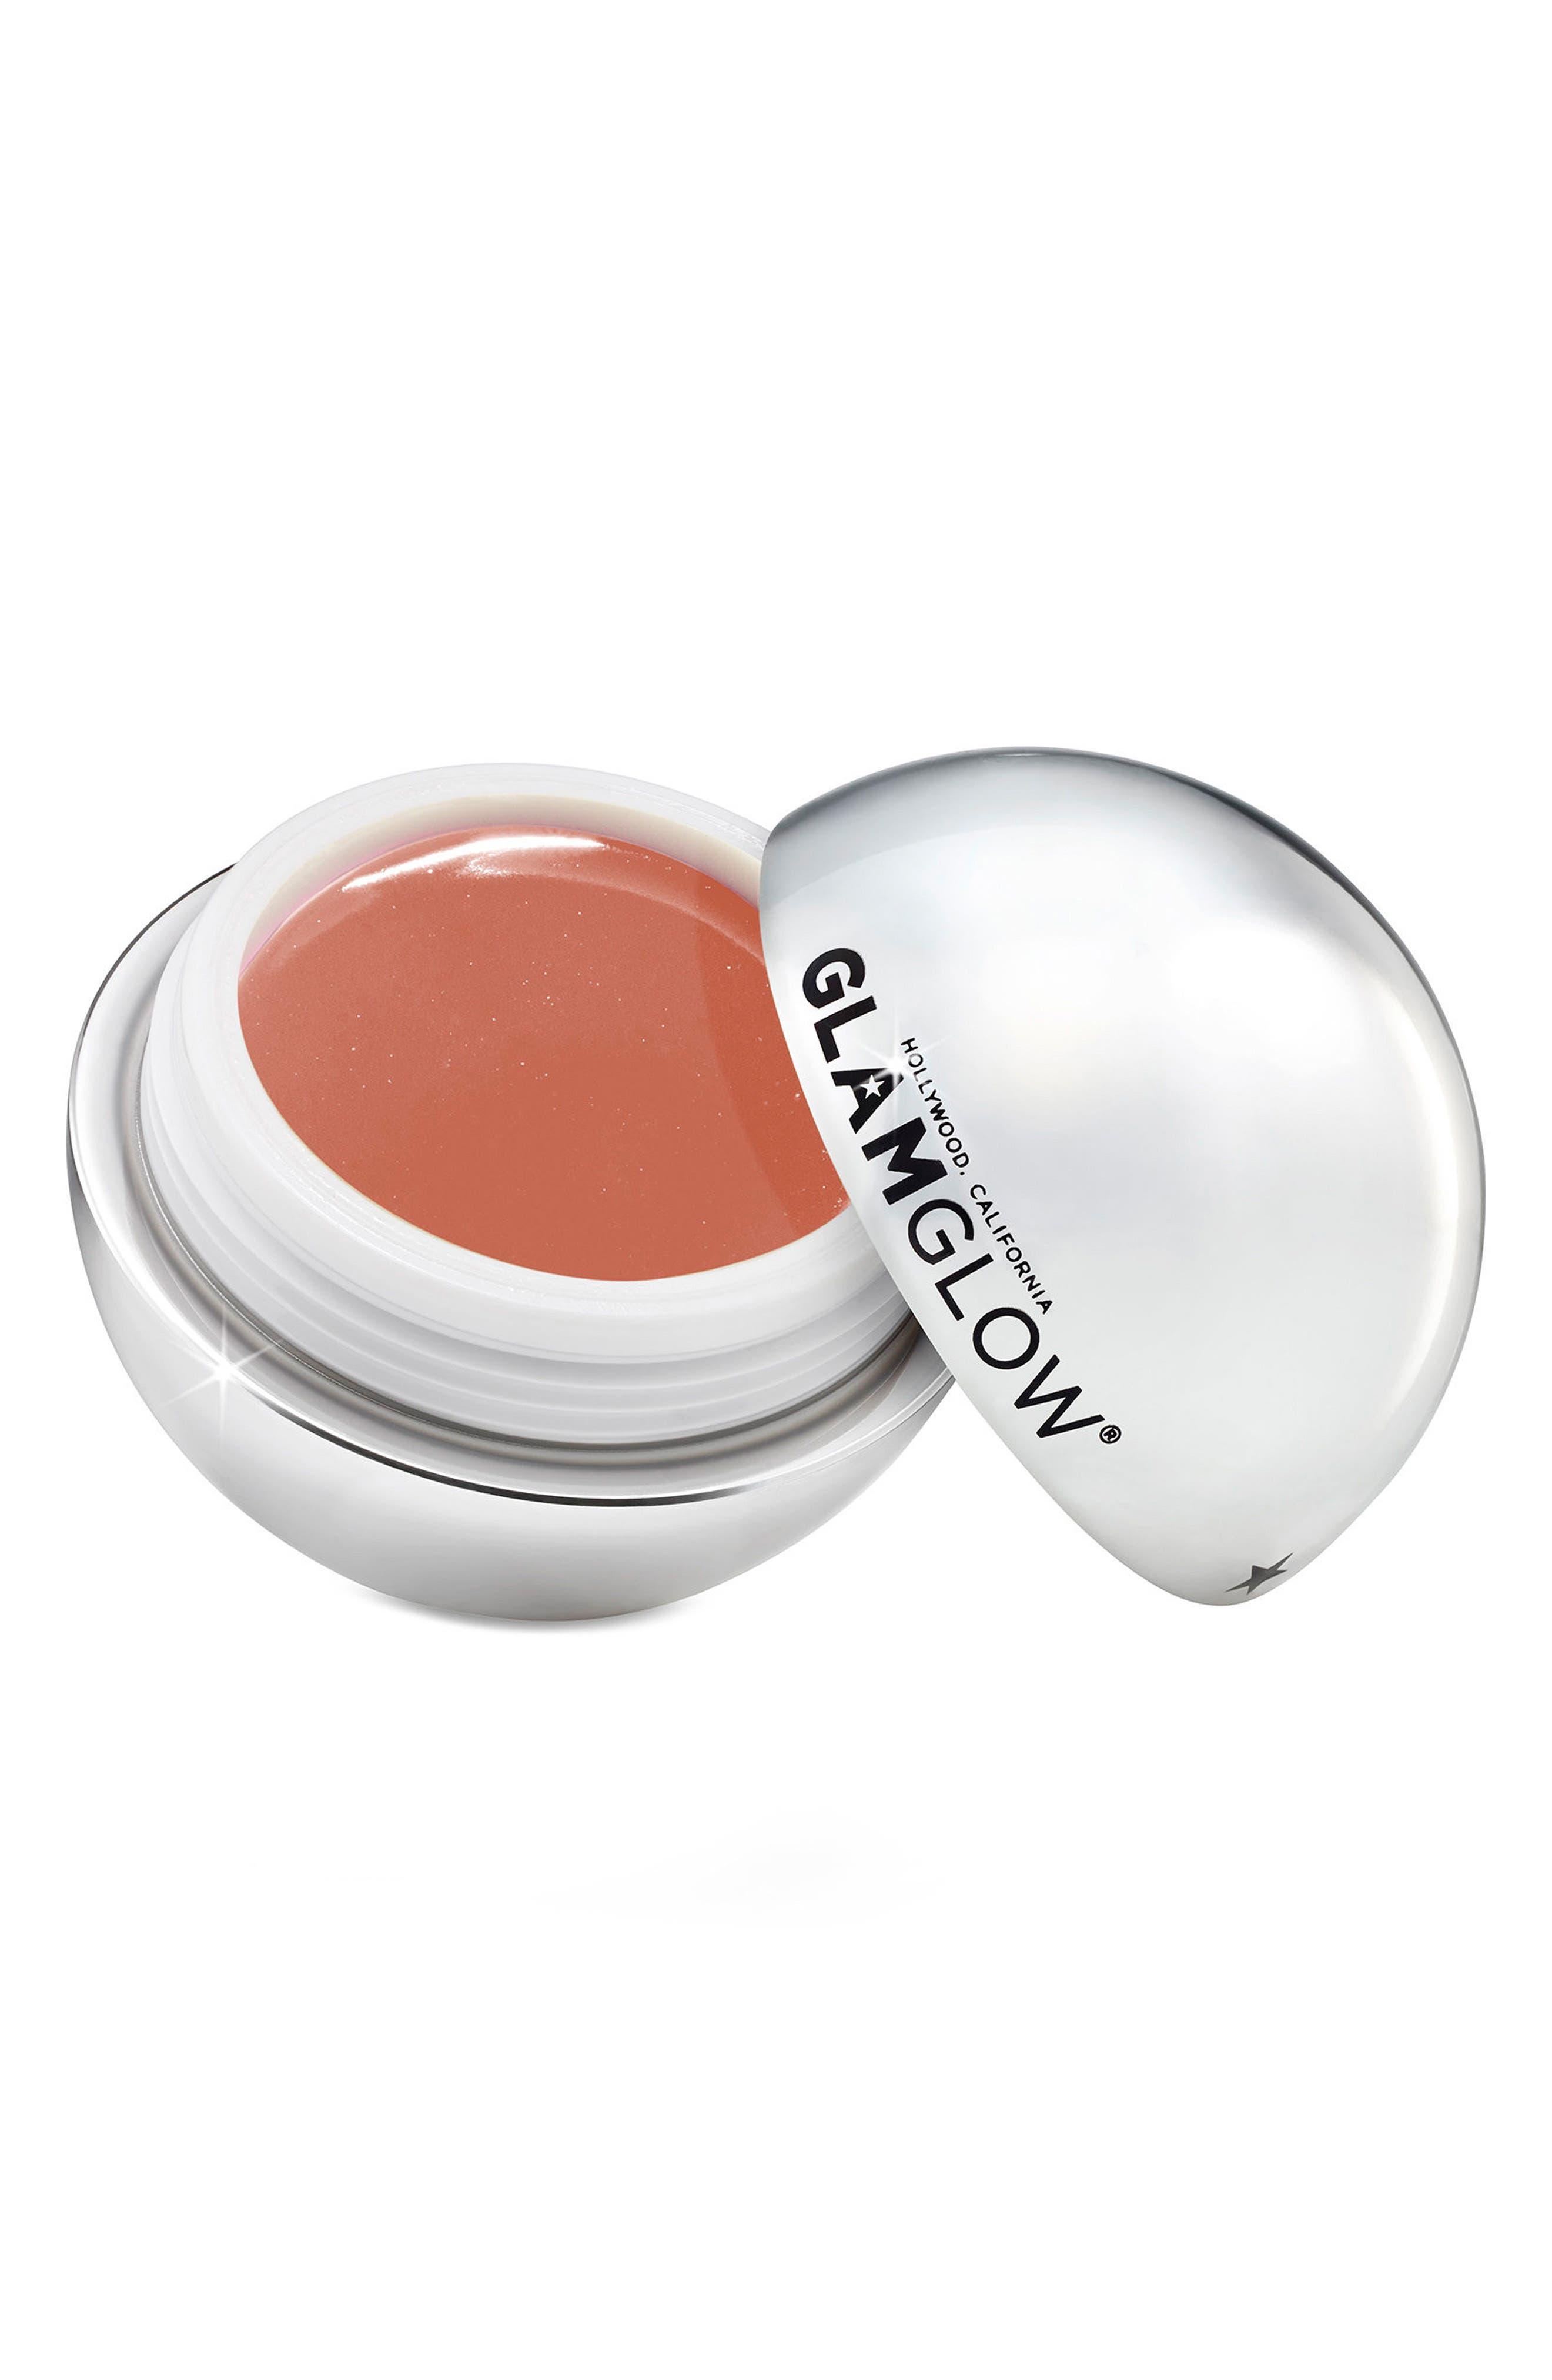 POUTMUD<sup>™</sup> Wet Lip Balm Tint,                         Main,                         color, 250